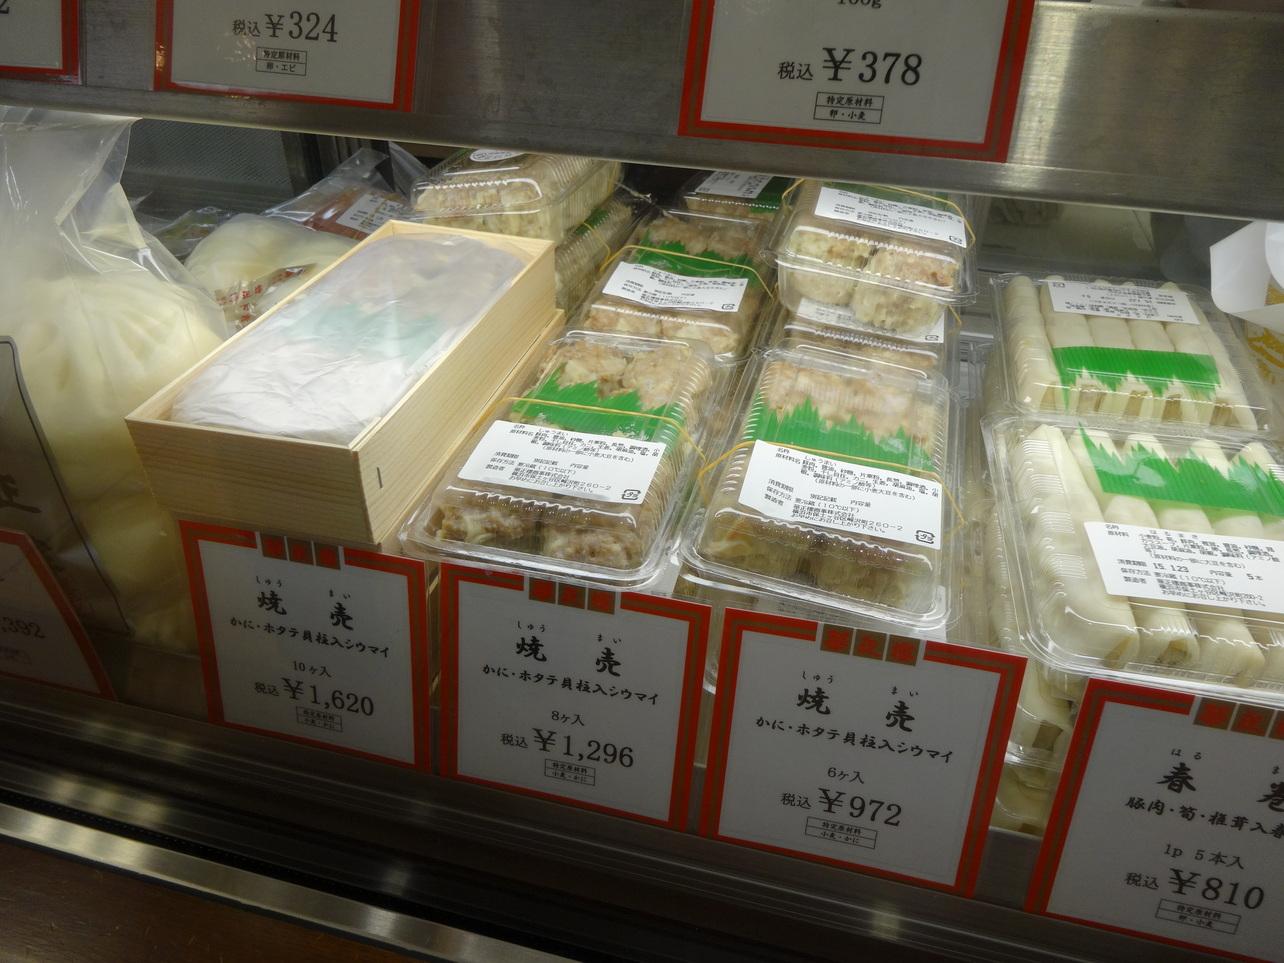 華正樓 小田急百貨店藤沢店